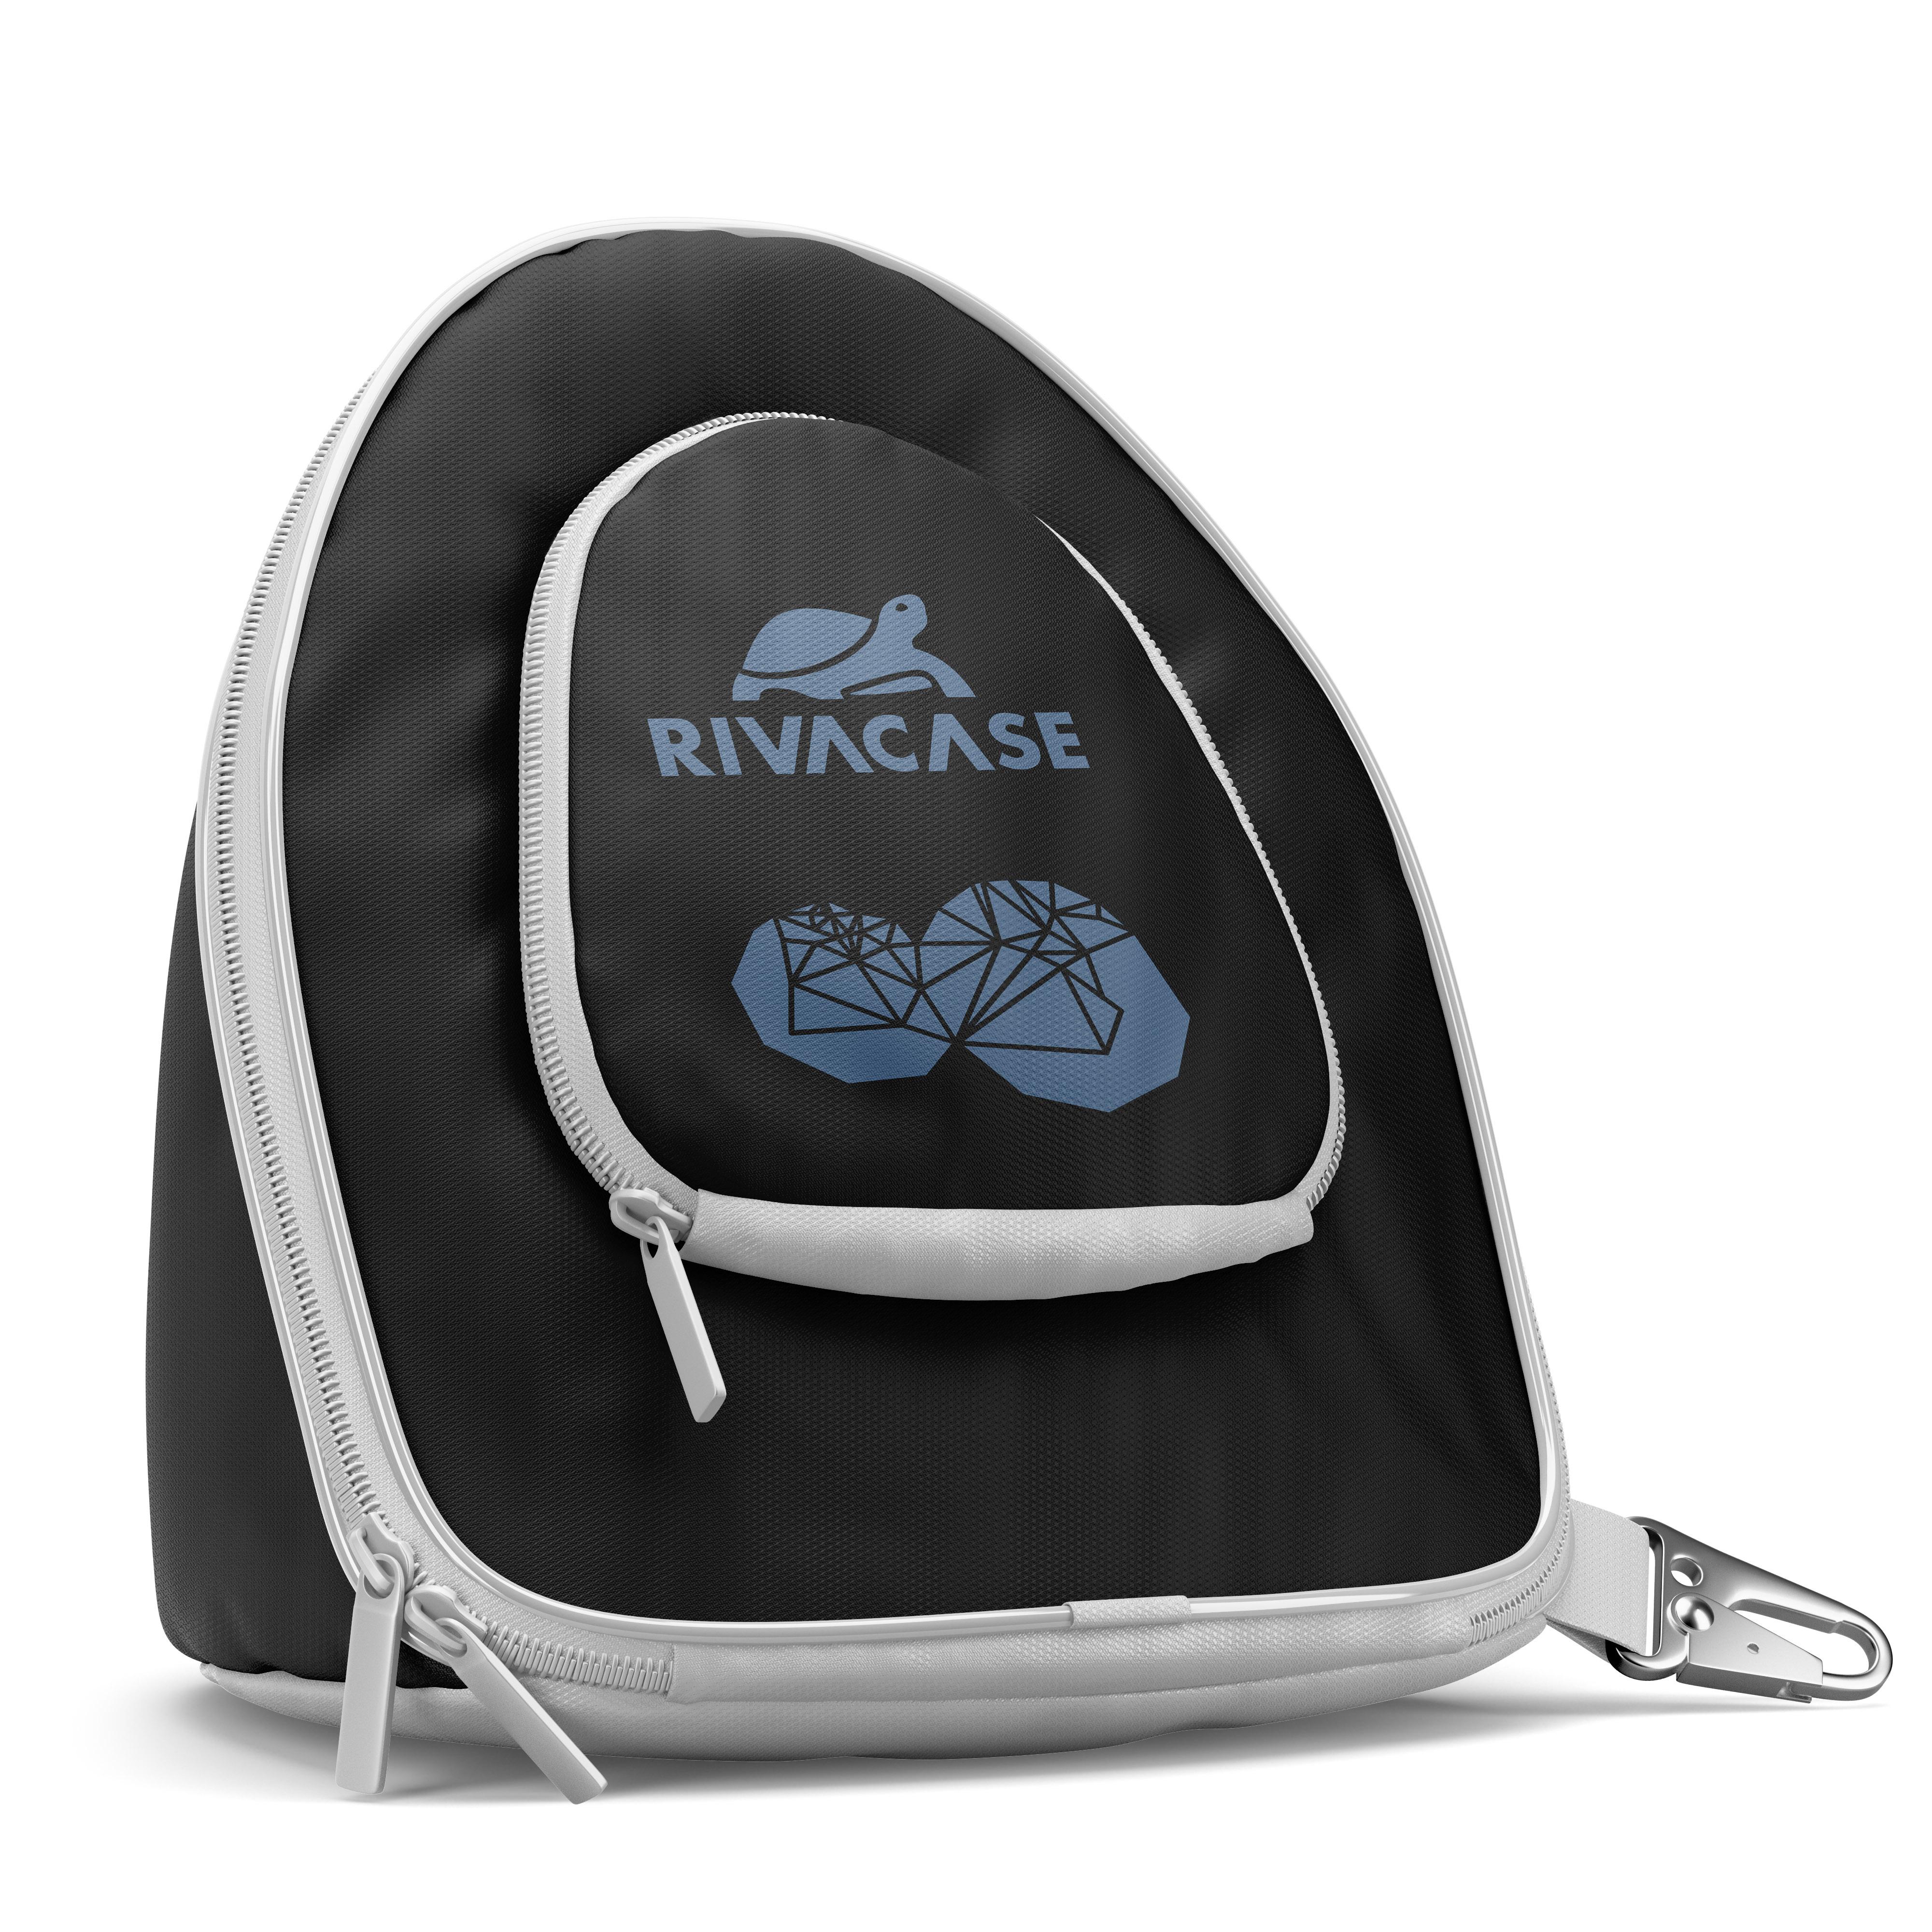 Конкурс на создание оригинального принта для рюкзаков фото f_7755f876082e8586.jpg